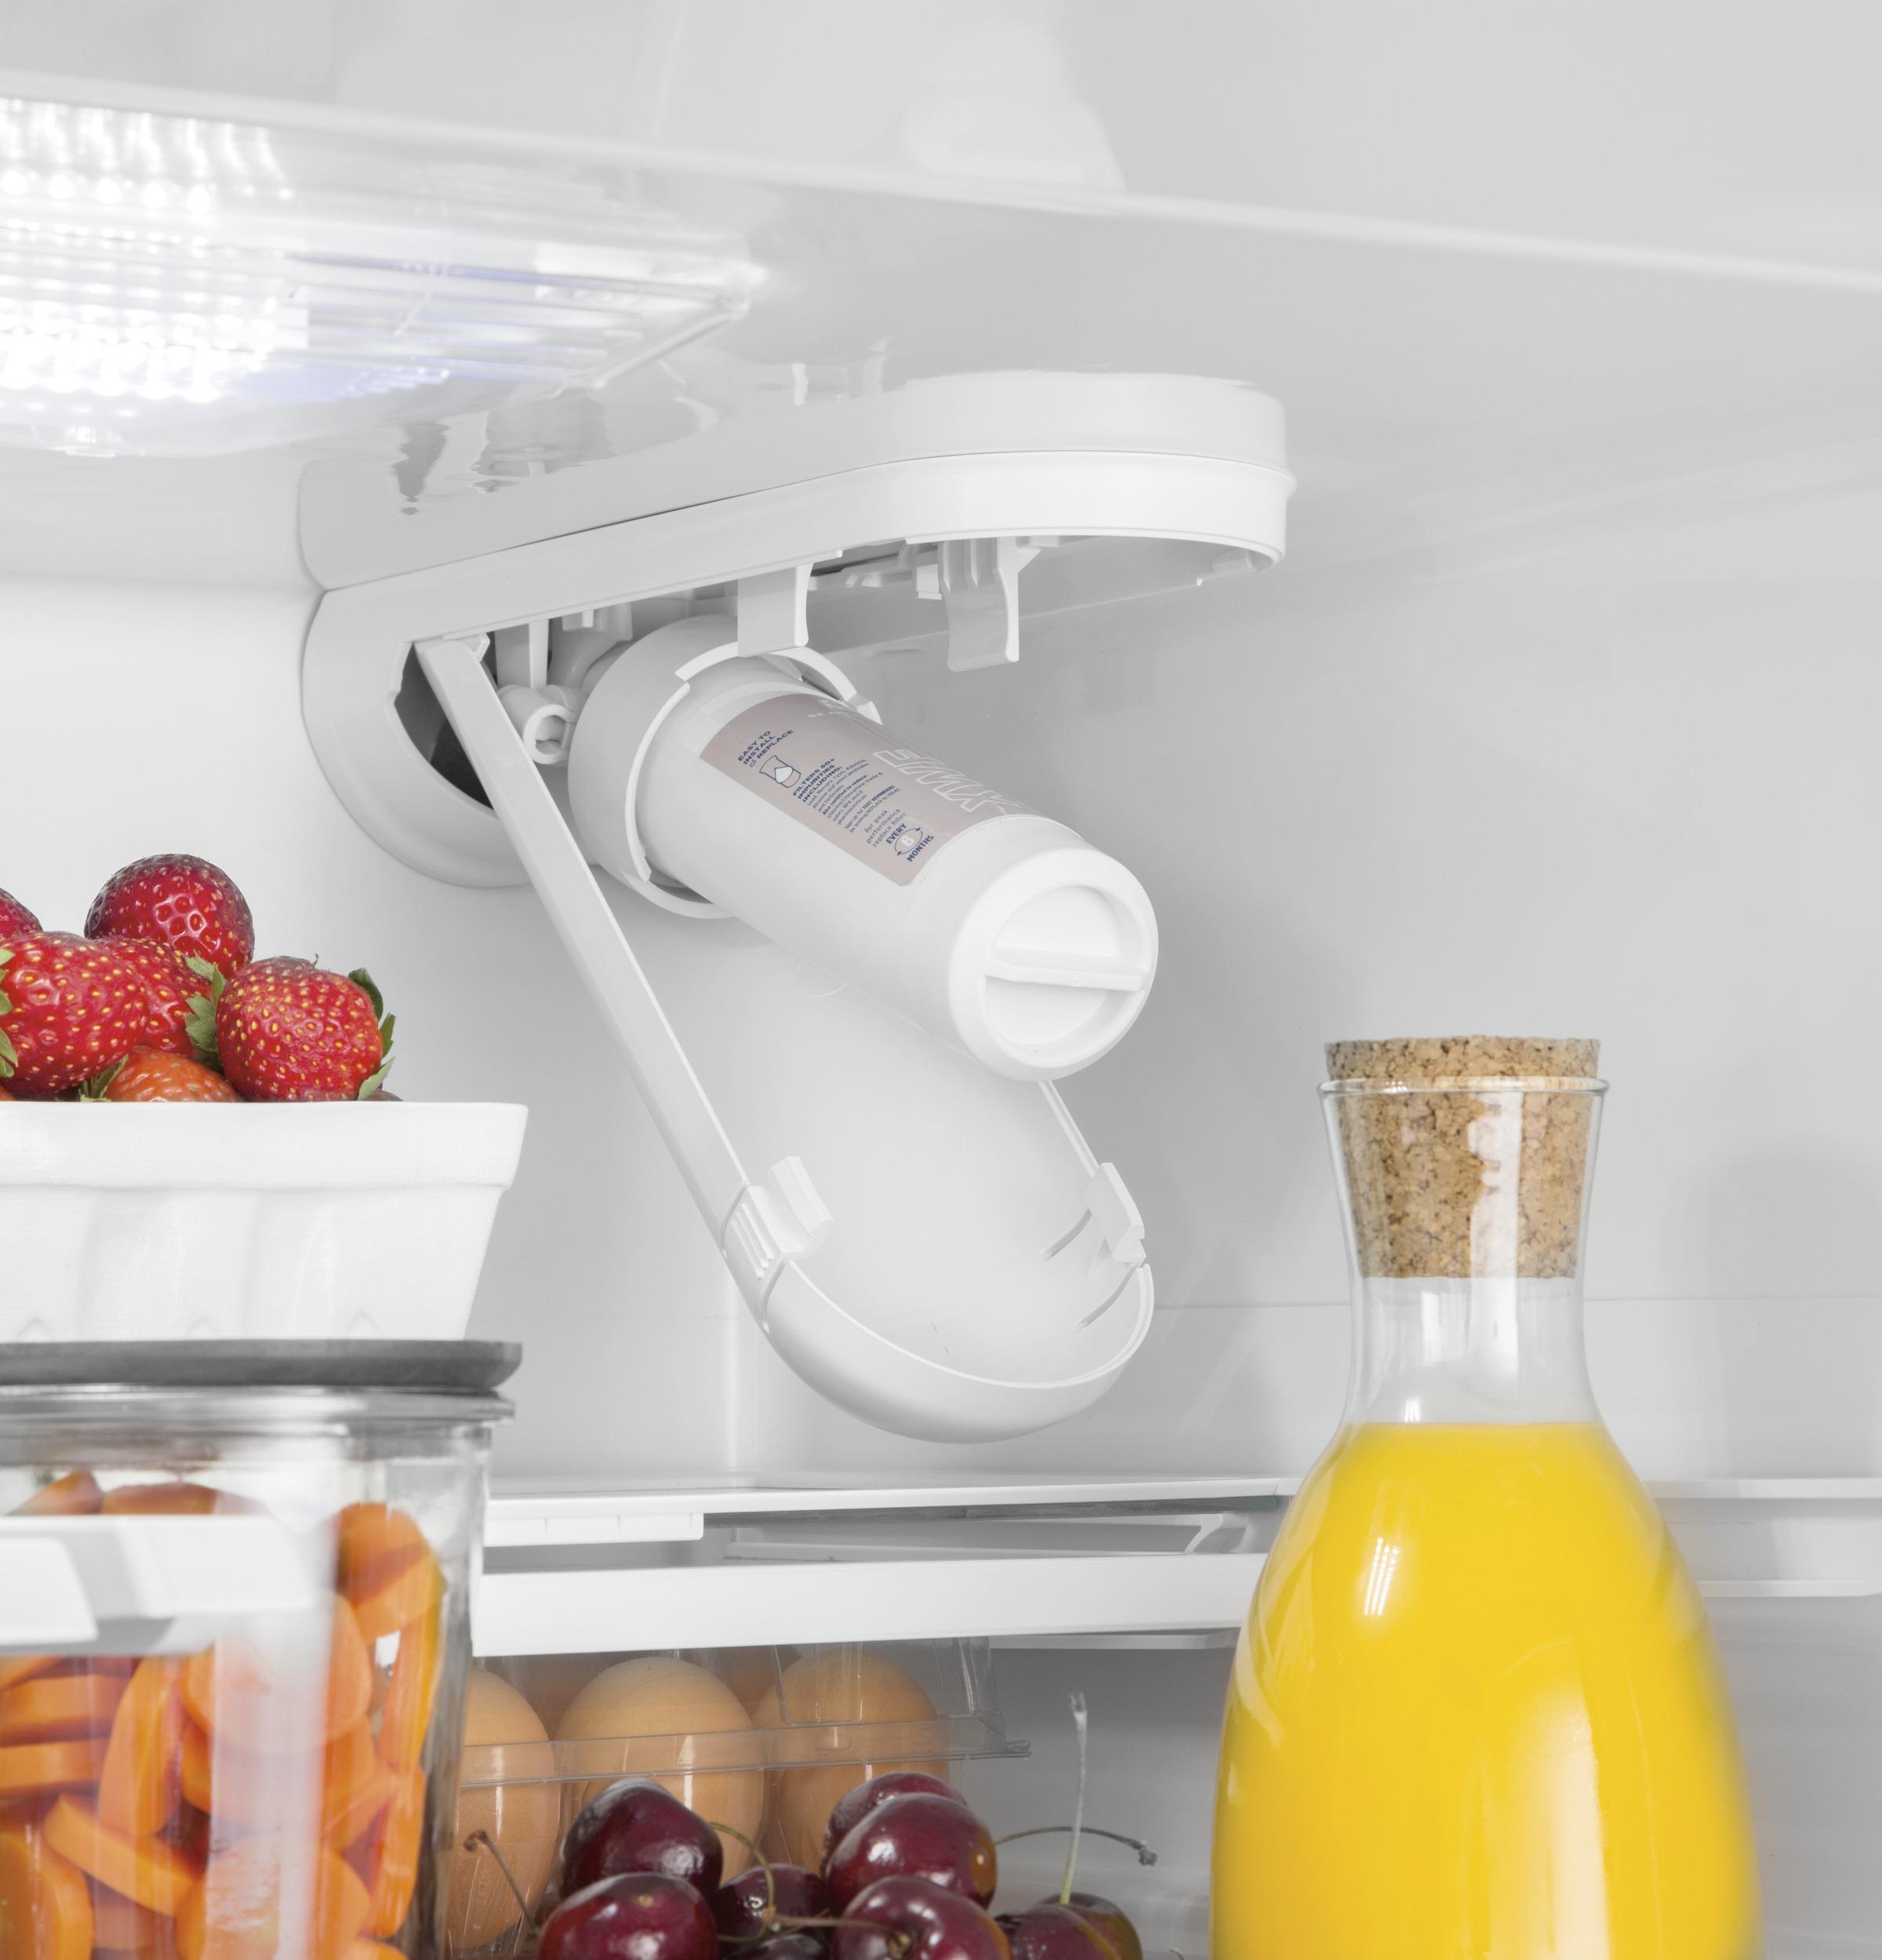 Model: GFE26JMMES | GE GE® ENERGY STAR® 25.6 Cu. Ft. French-Door Refrigerator